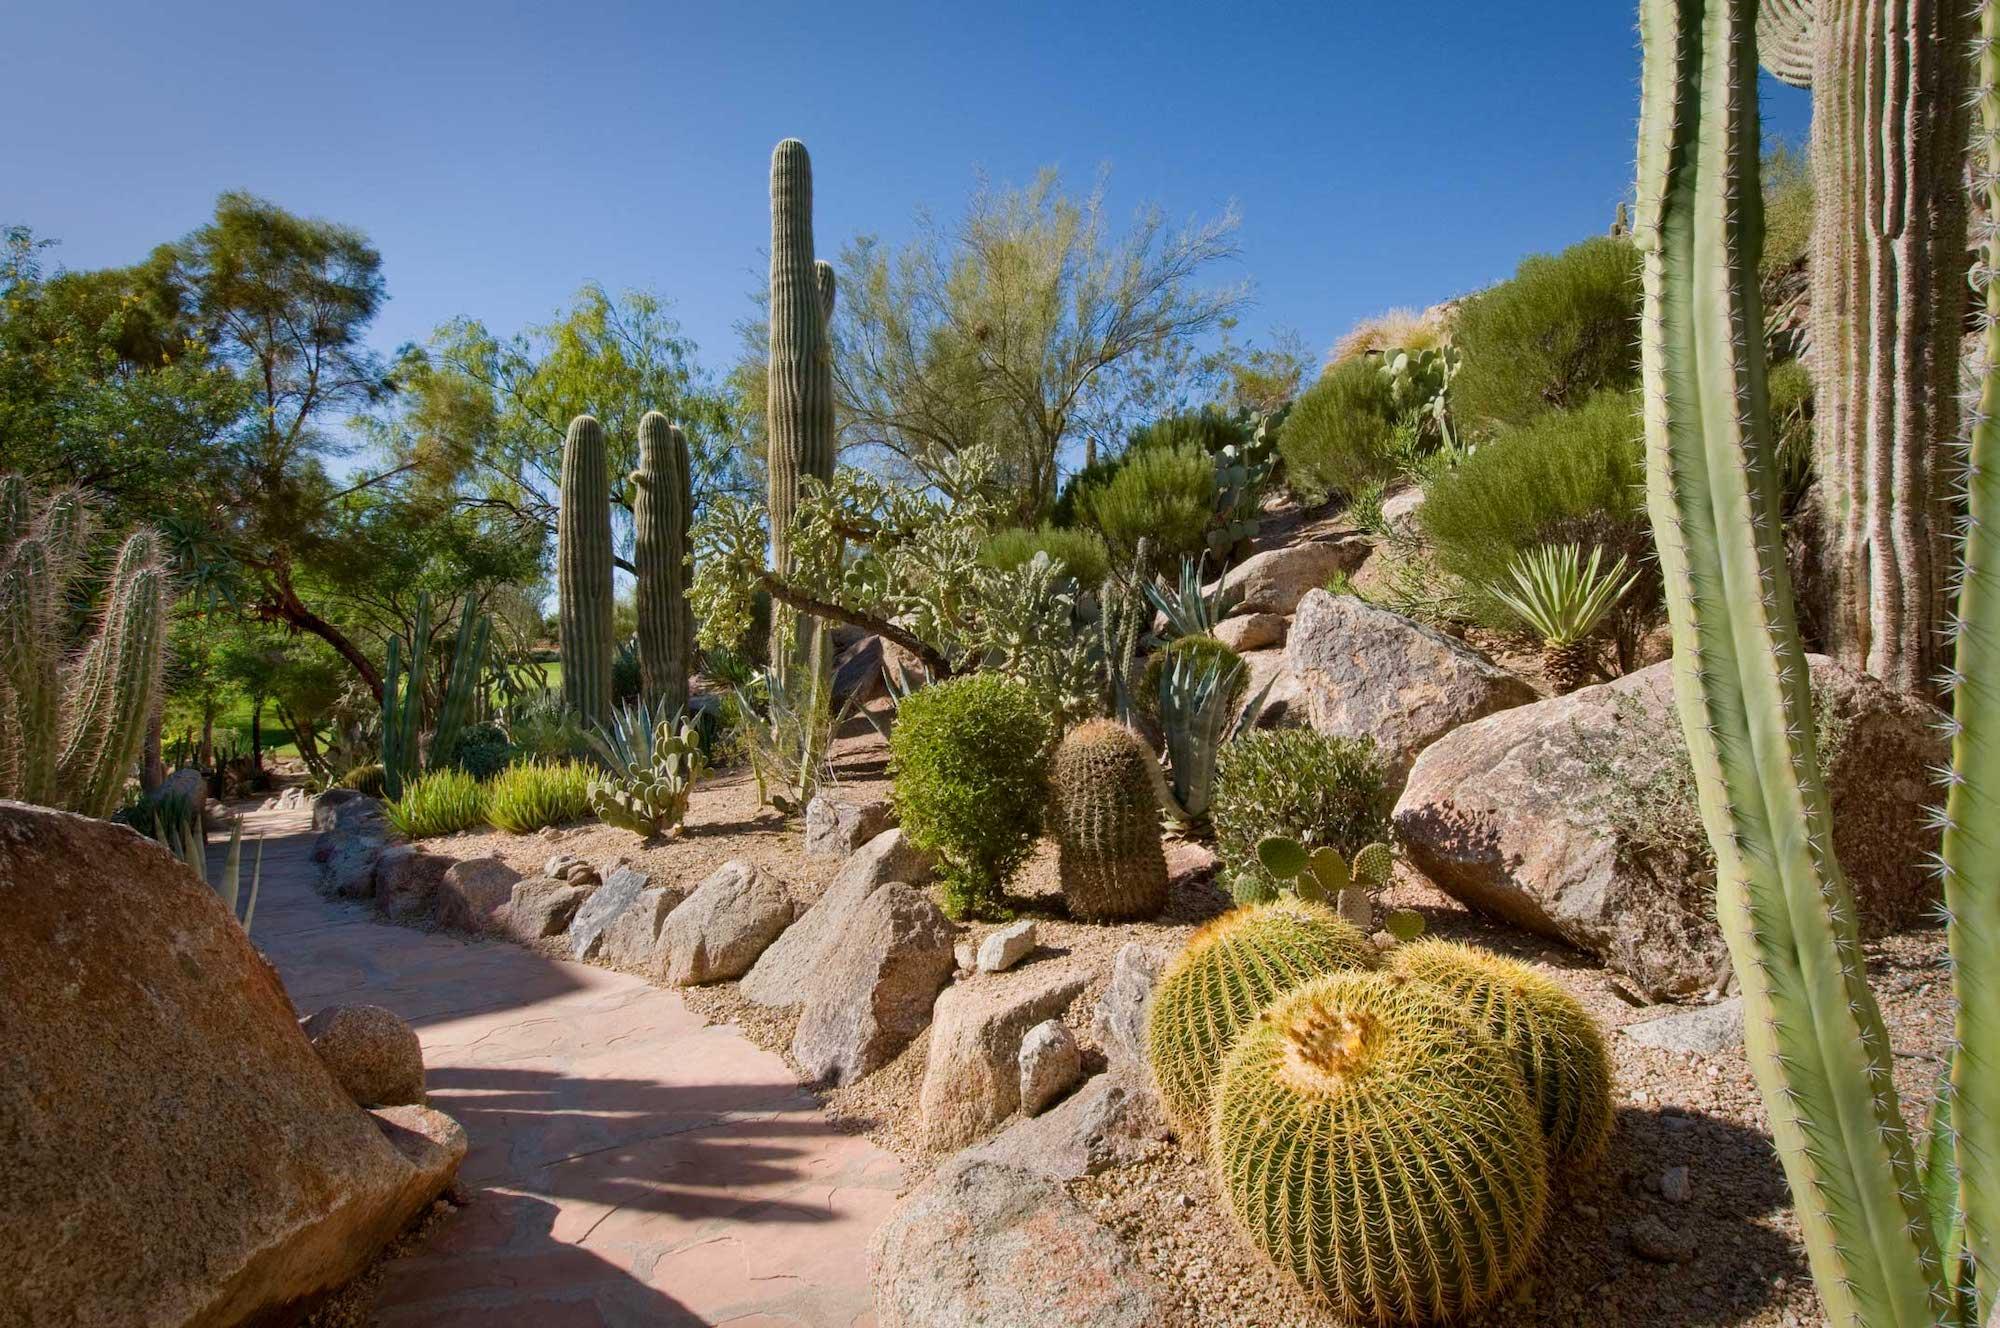 The Phoenician Cactus Garden